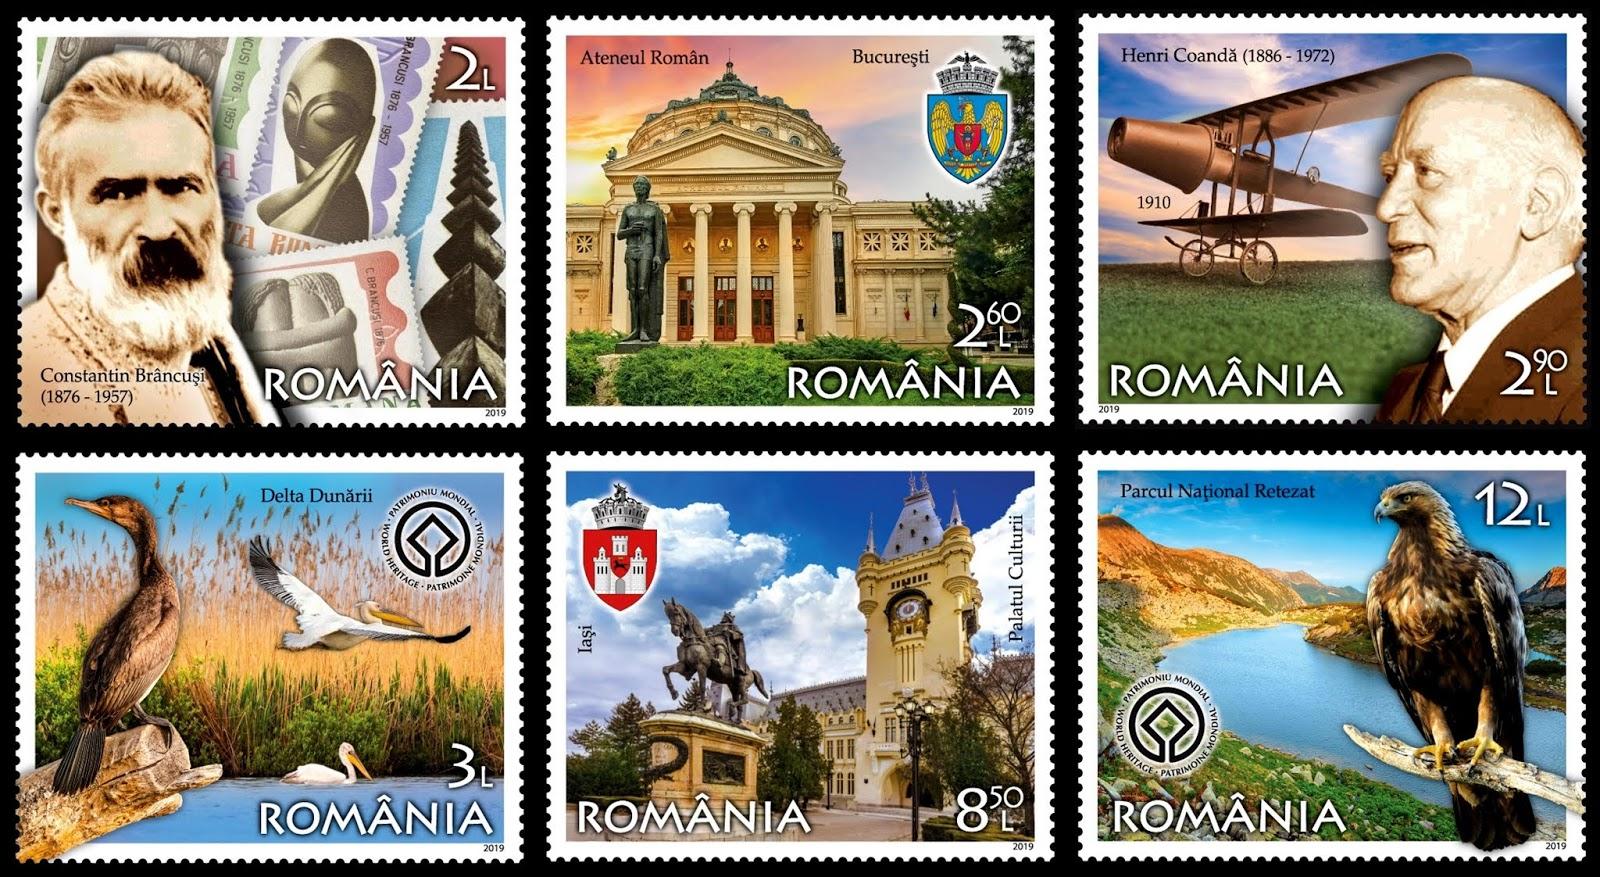 Romania - A European Treasure (January 16, 2019)